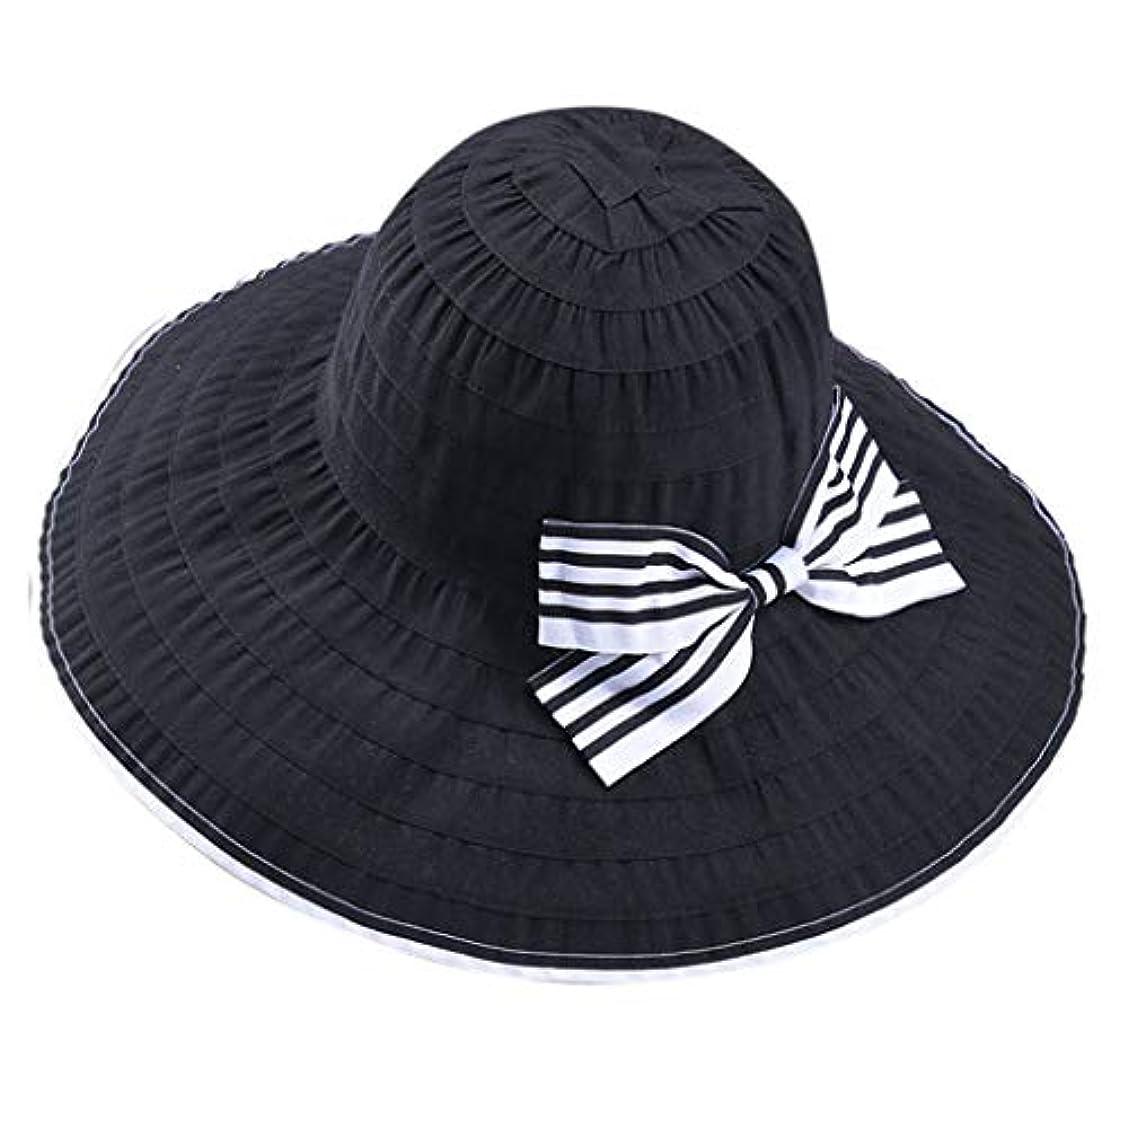 ホーン見る靴帽子 サイズ調整 テープ ハット 黒 ニット帽 ビーチサンダル ターバン 夏 ベレー帽 レディース 女優帽 日よけ 熱中症予防 日焼け 折りたたみ 持ち運び つば広 自転車 飛ばない 夏 春 サイドリボン ROSE ROMAN